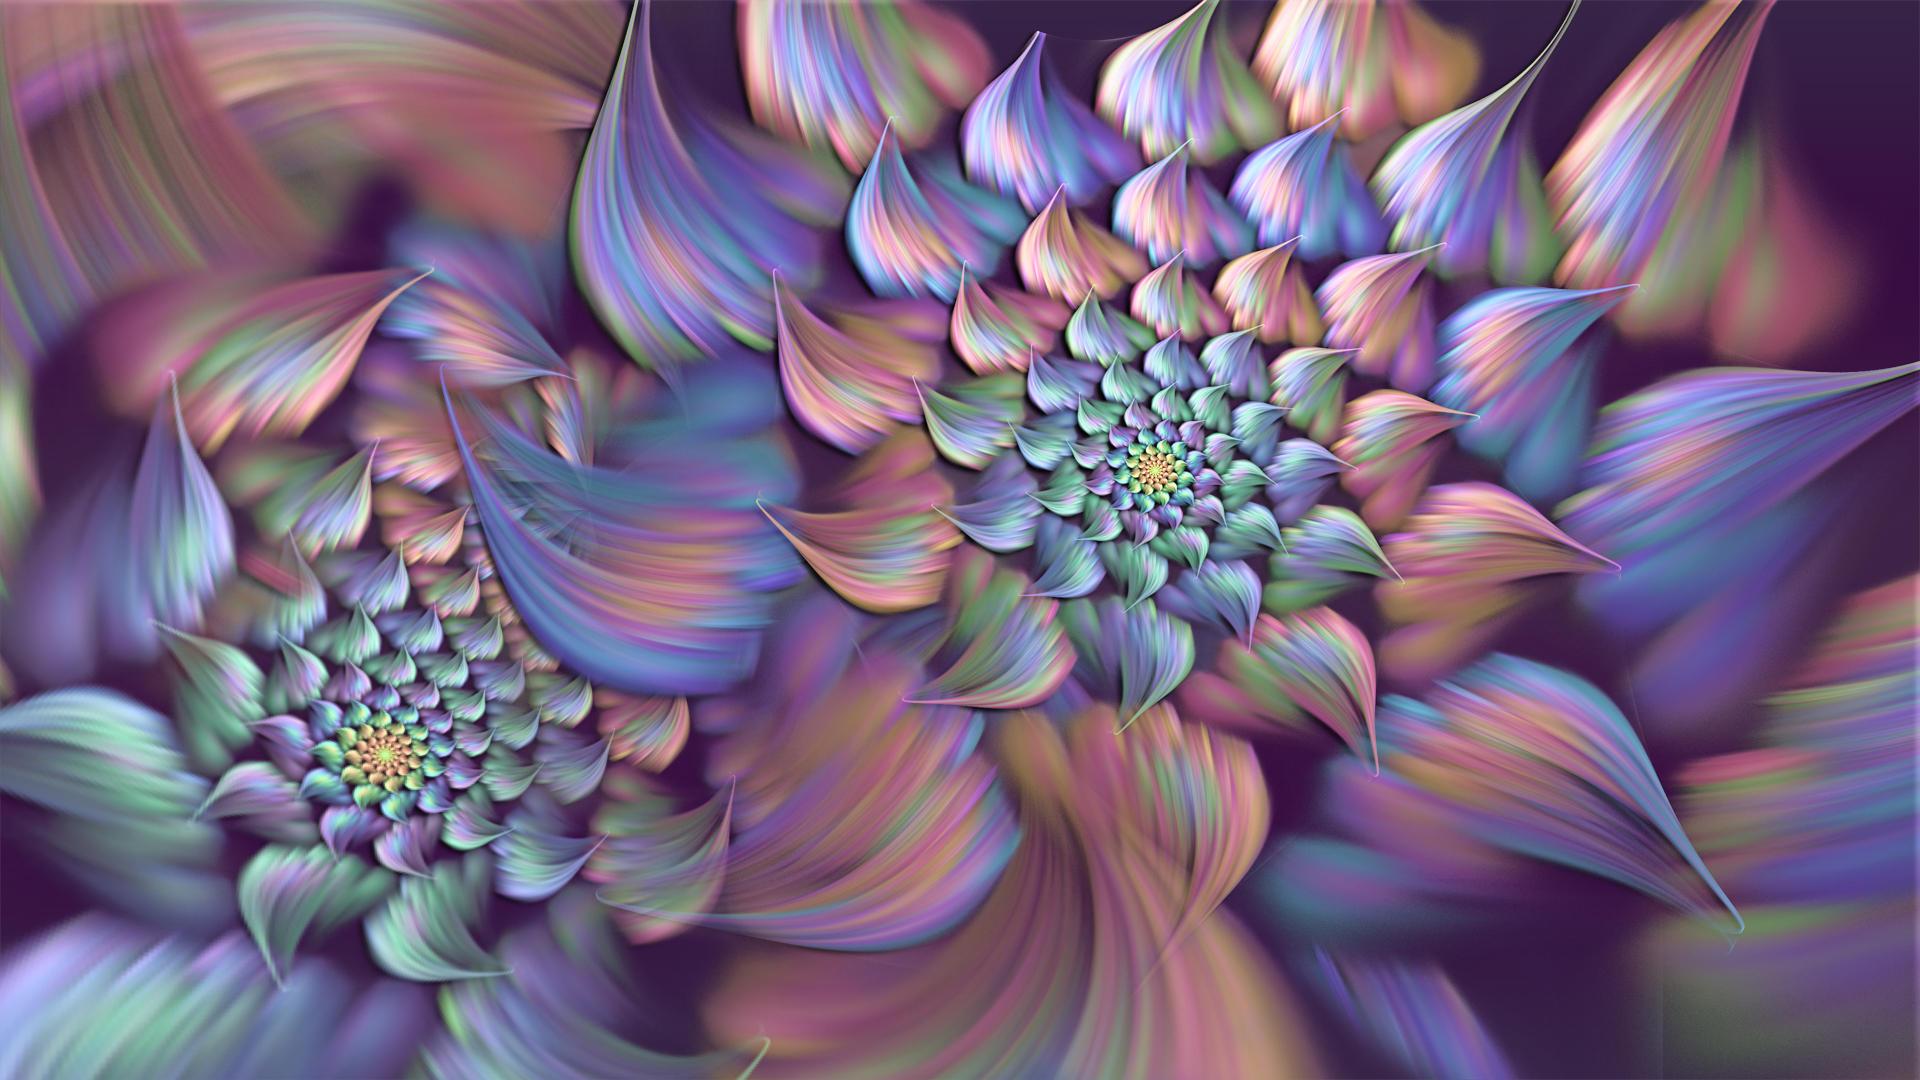 Burpee Blooms by Frankief